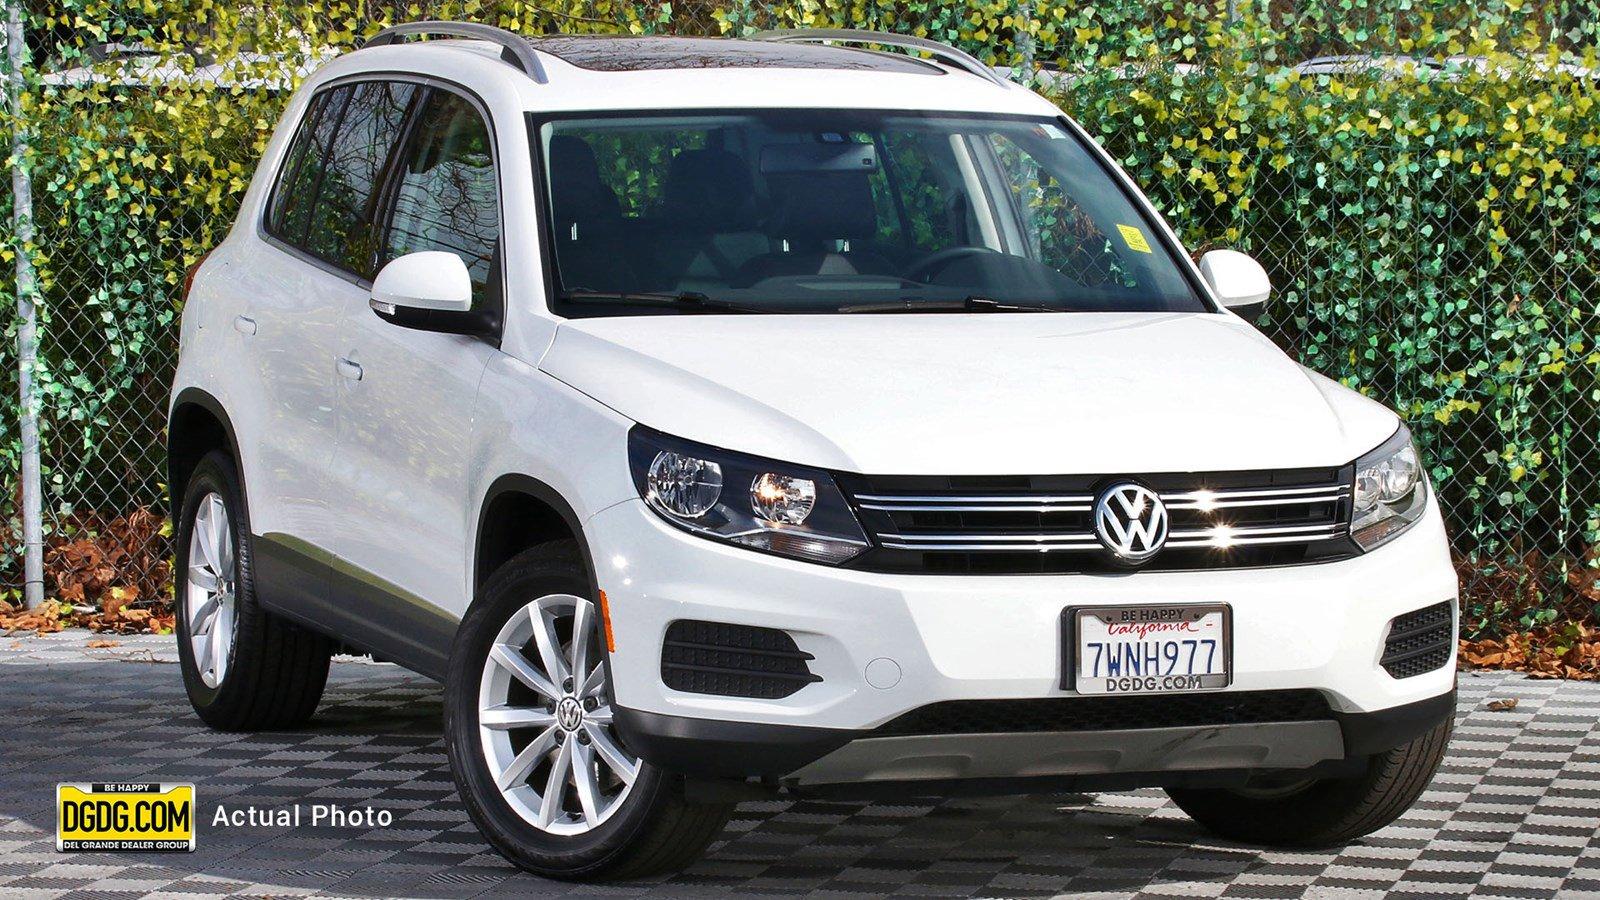 2017 Volkswagen Tiguan Wolfsburg Edition image